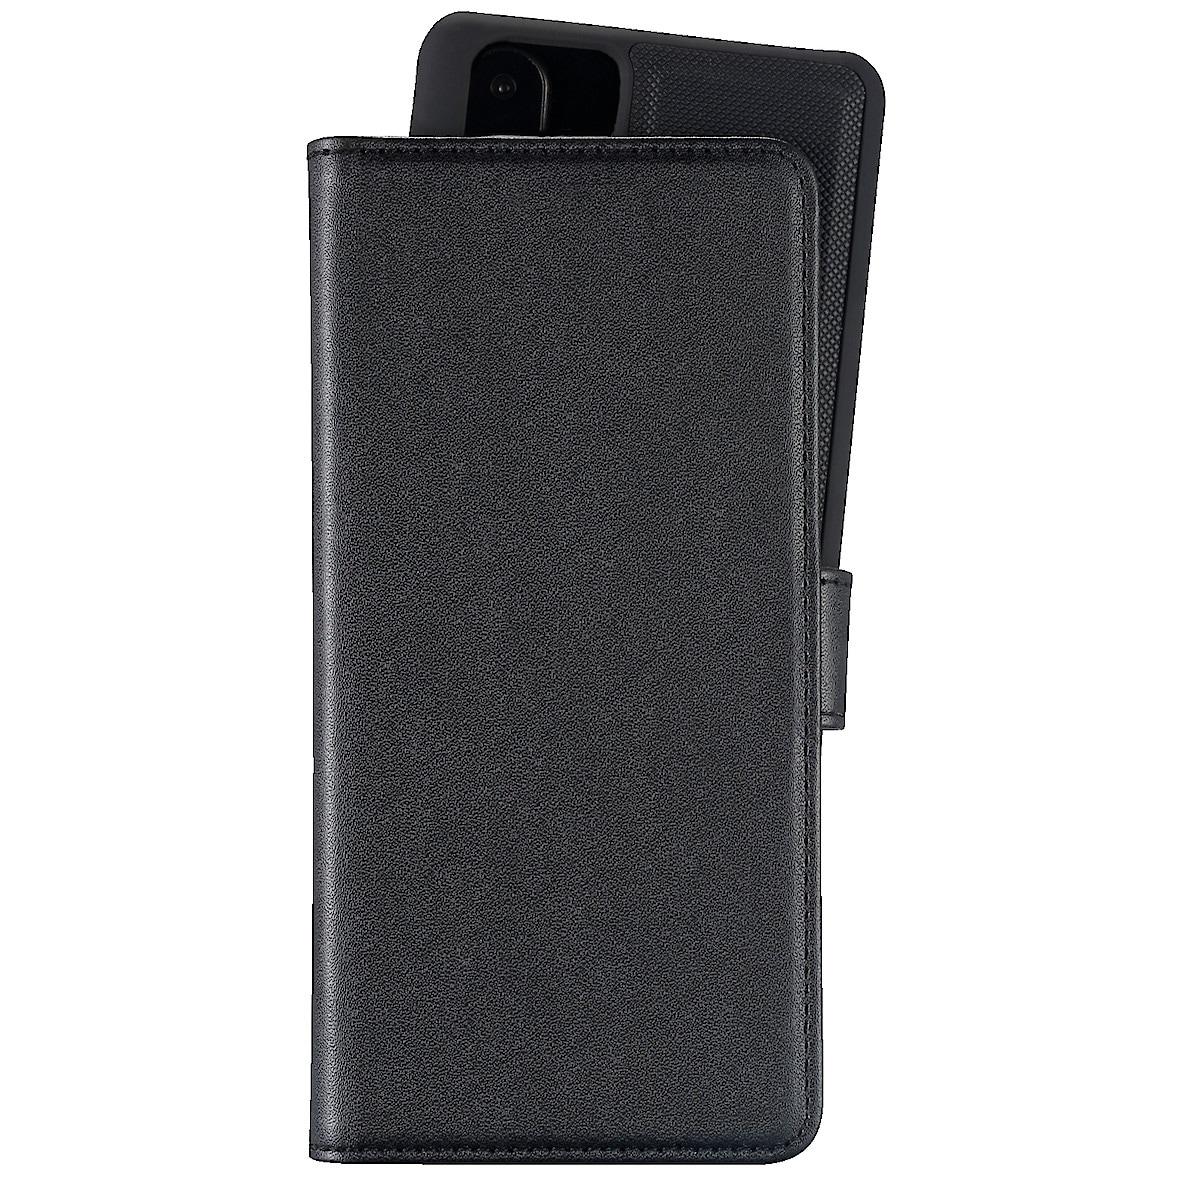 Taschenportemonnaie für Huawei P30 Pro, Holdit